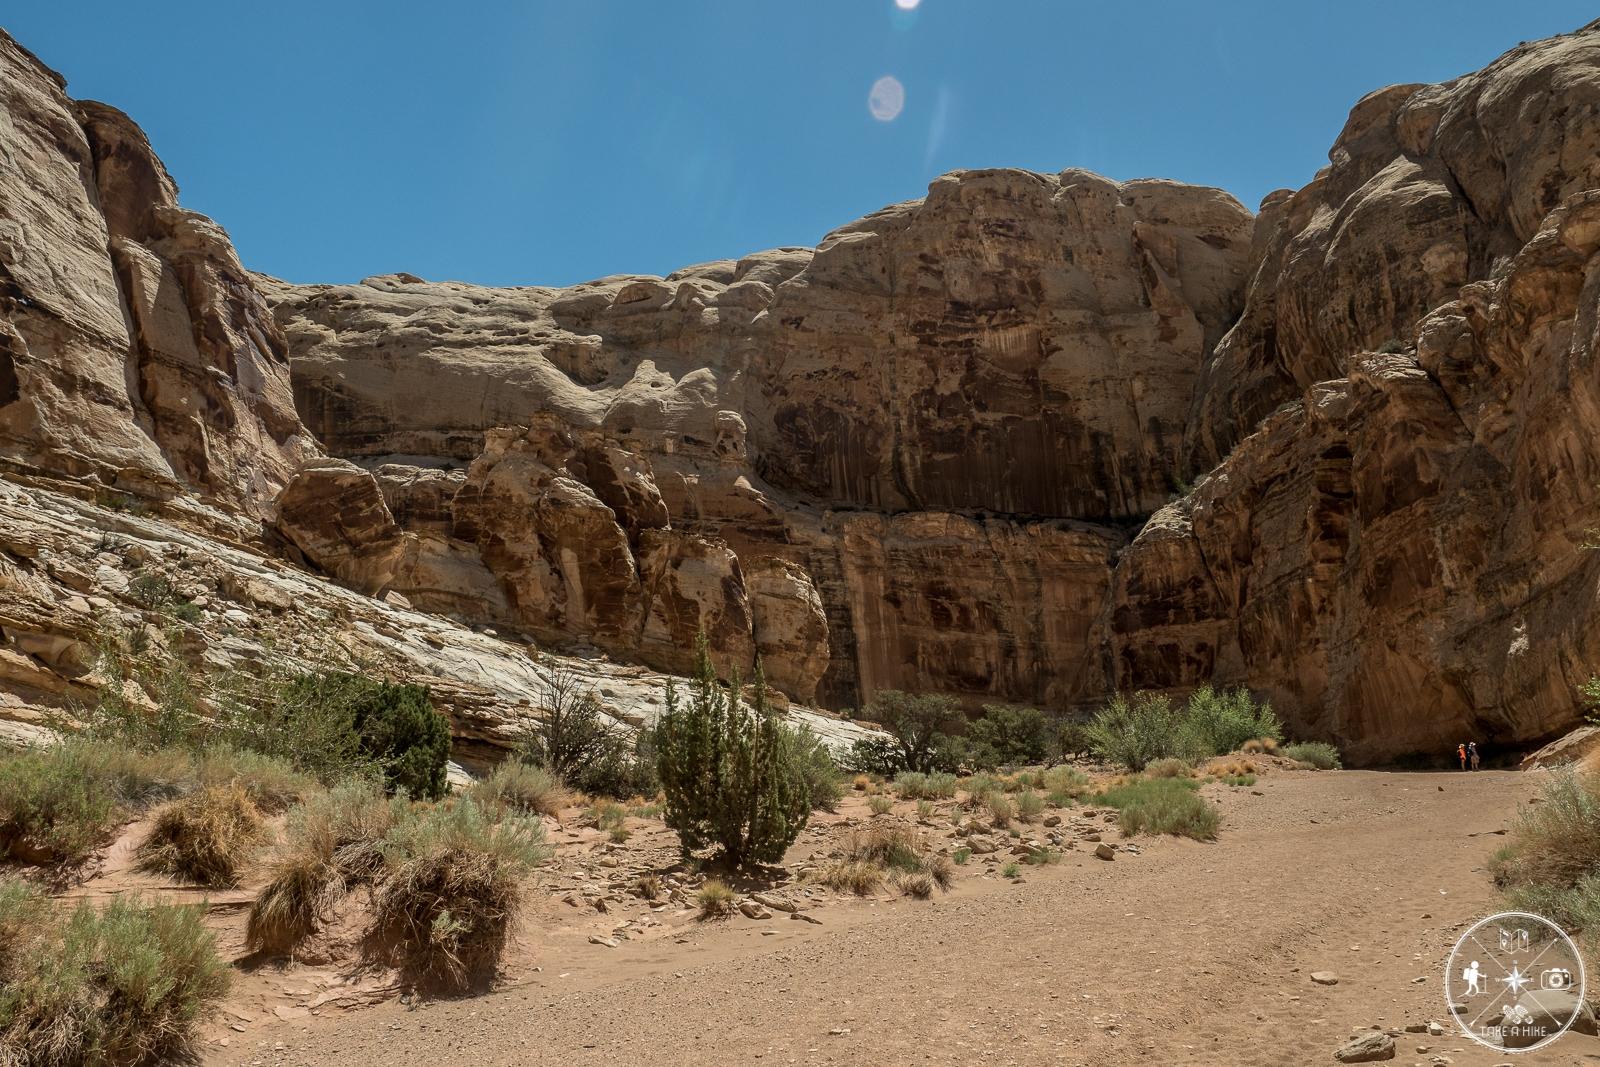 Little Wild Horse Canyon - der etwas weitere Teil des Canyons